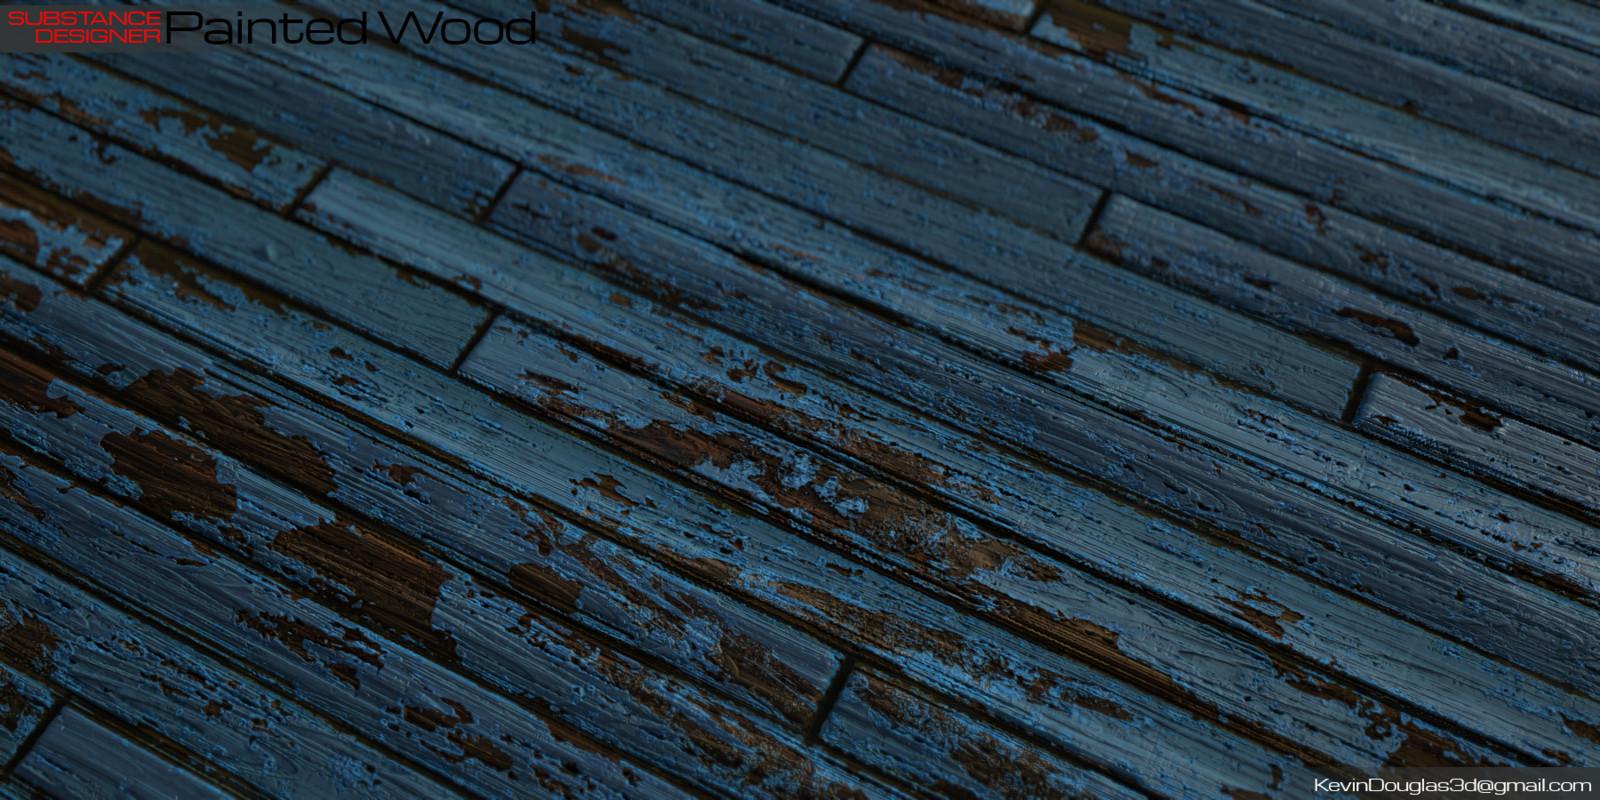 Painted Wood on Plane2